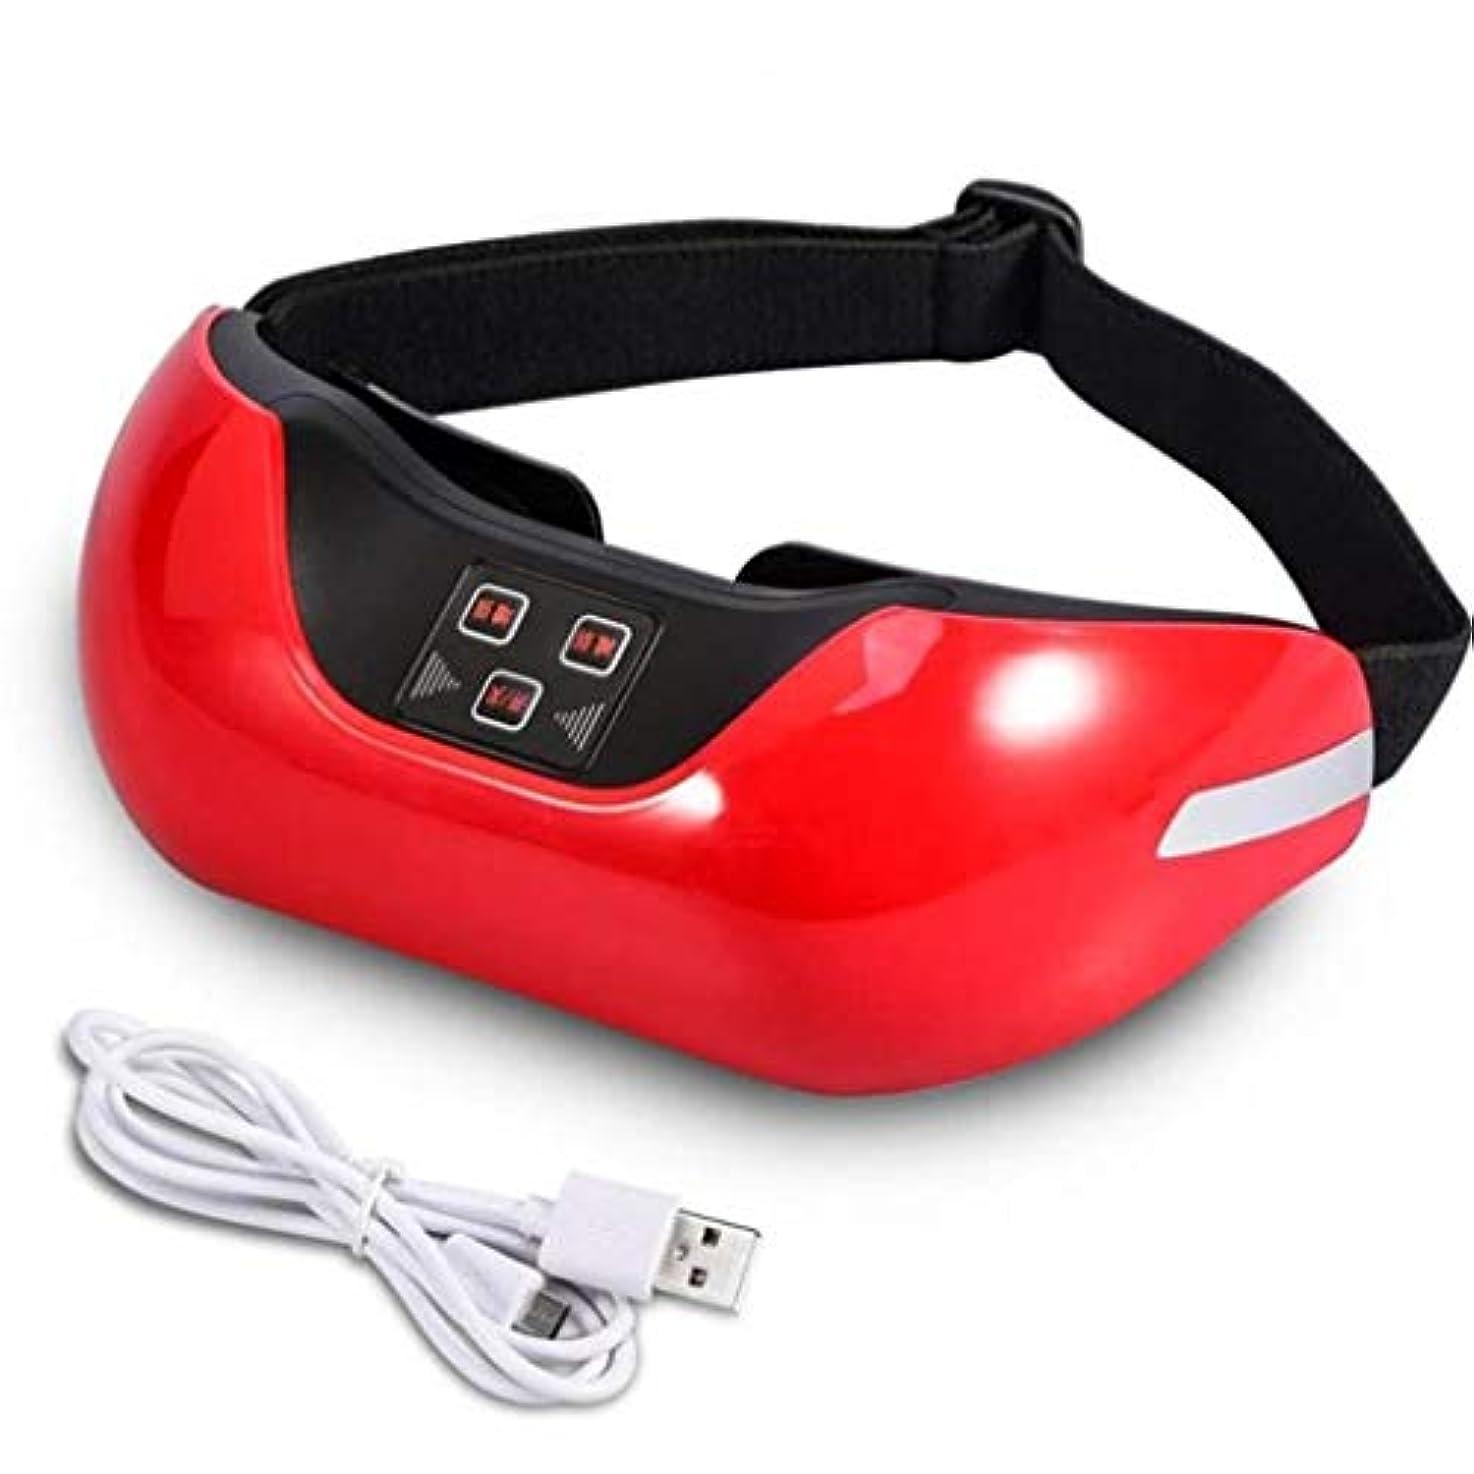 学者スコットランド人シガレットアイマッサージャー、ワイヤレス3D充電式グリーンアイリカバリービジョン電動マッサージャー、修復ビジョンマッサージャー、アイケアツールは血液循環を促進し、疲労を和らげます (Color : Red)